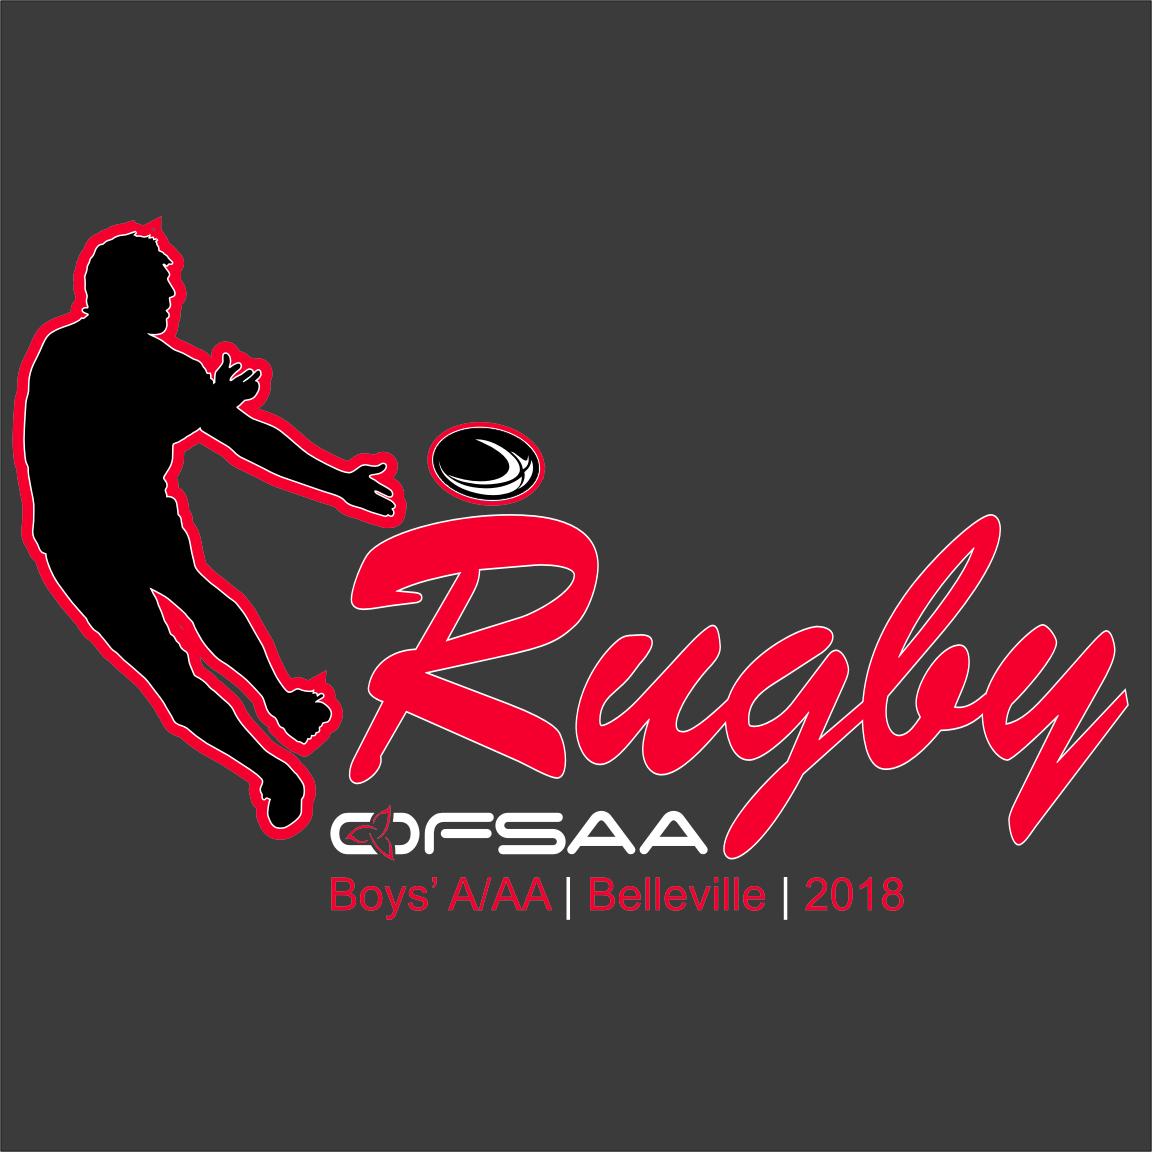 2018 Boys A AA Rugby grey.jpg